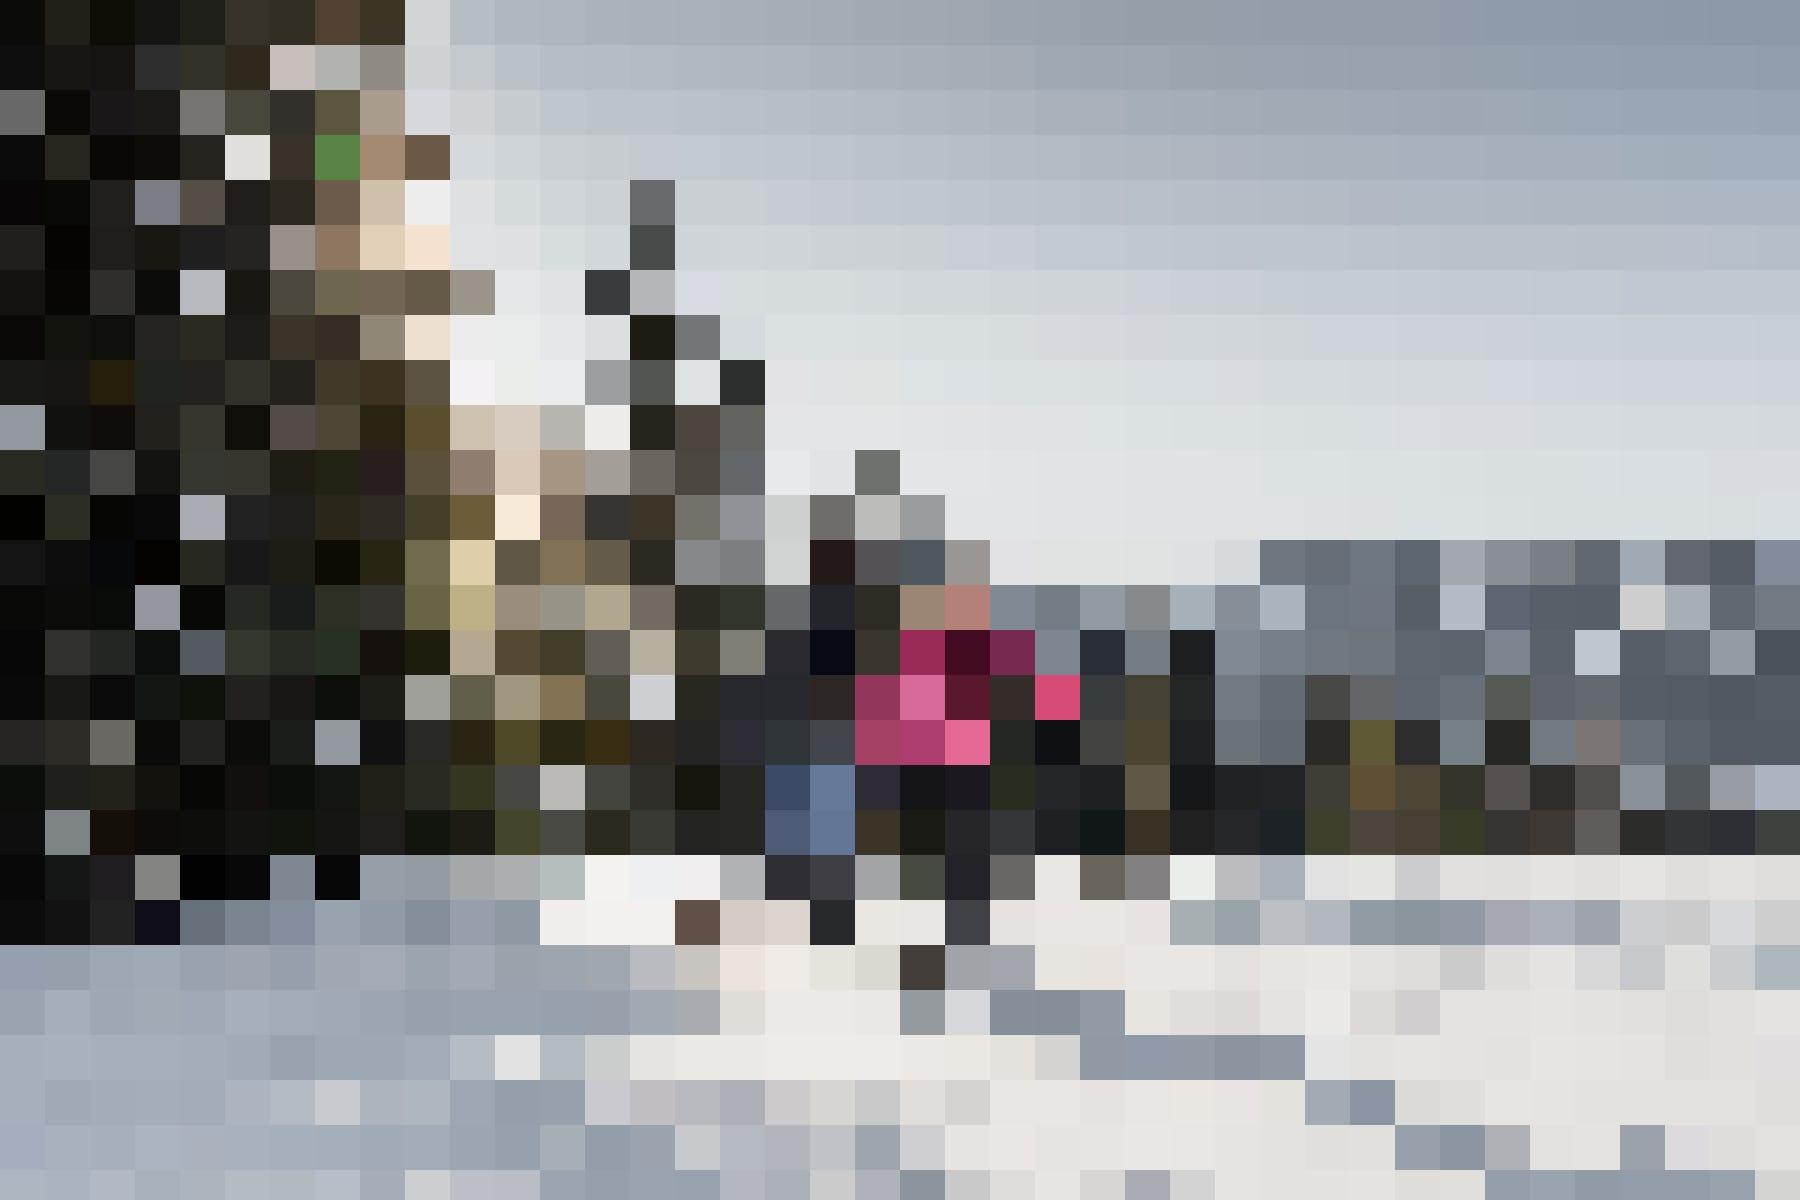 Schneeschuhwanderungen in der traumhaften Winterlandschaft bringen alle in die unberührte Natur: Schneeschuhwanderer unterwegs.